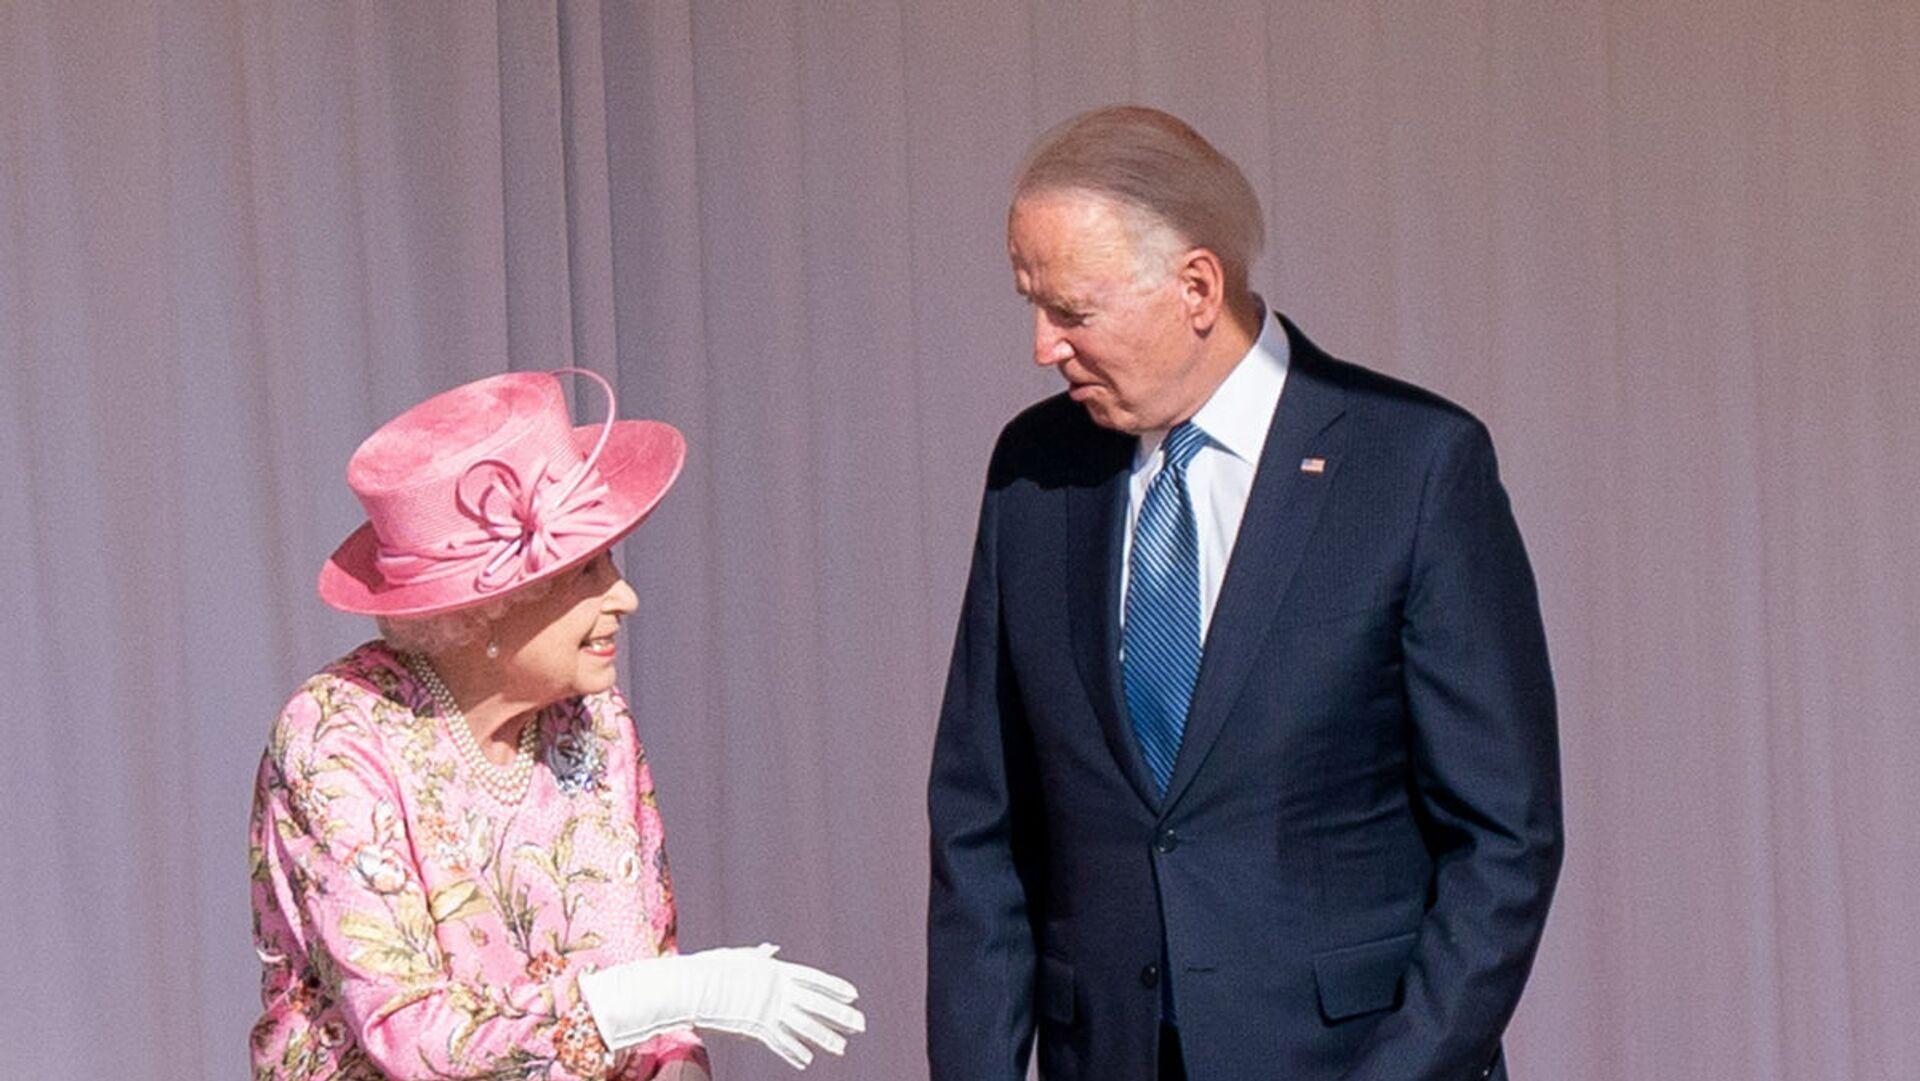 L'incontro tra Joe Biden e Elisabetta II - Sputnik Italia, 1920, 14.06.2021